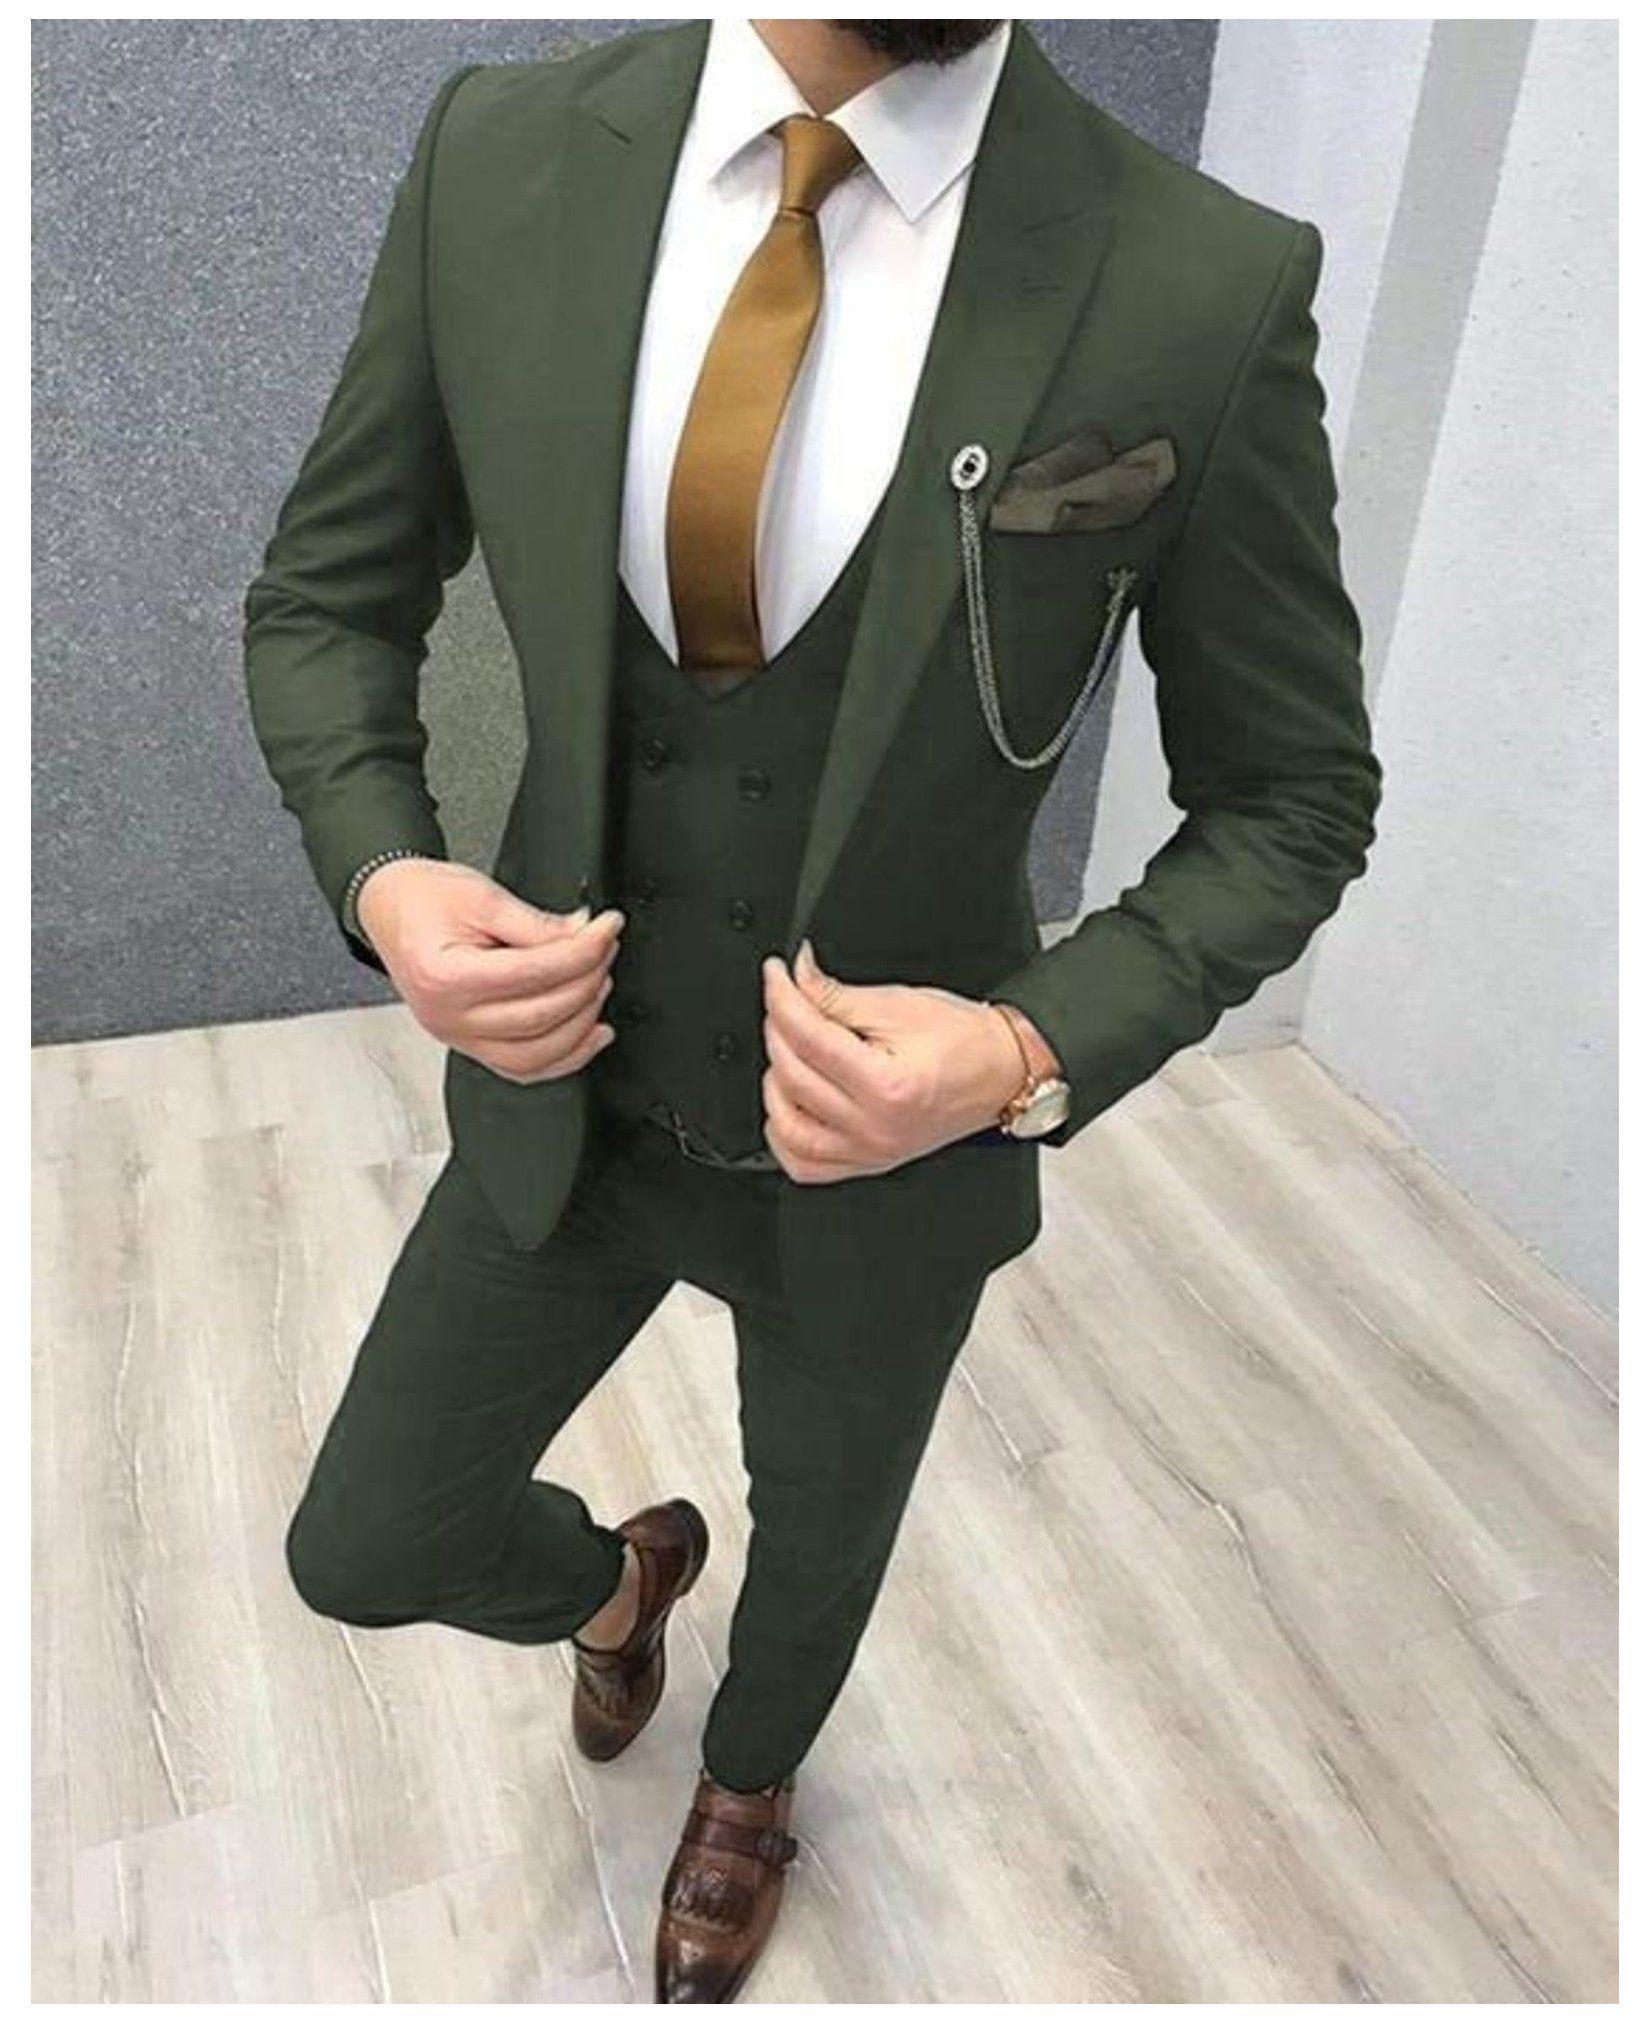 Мужской облегающий костюм из 3 предметов, мужской Блейзер, смокинг, мужской деловой пиджак + жилет + брюки